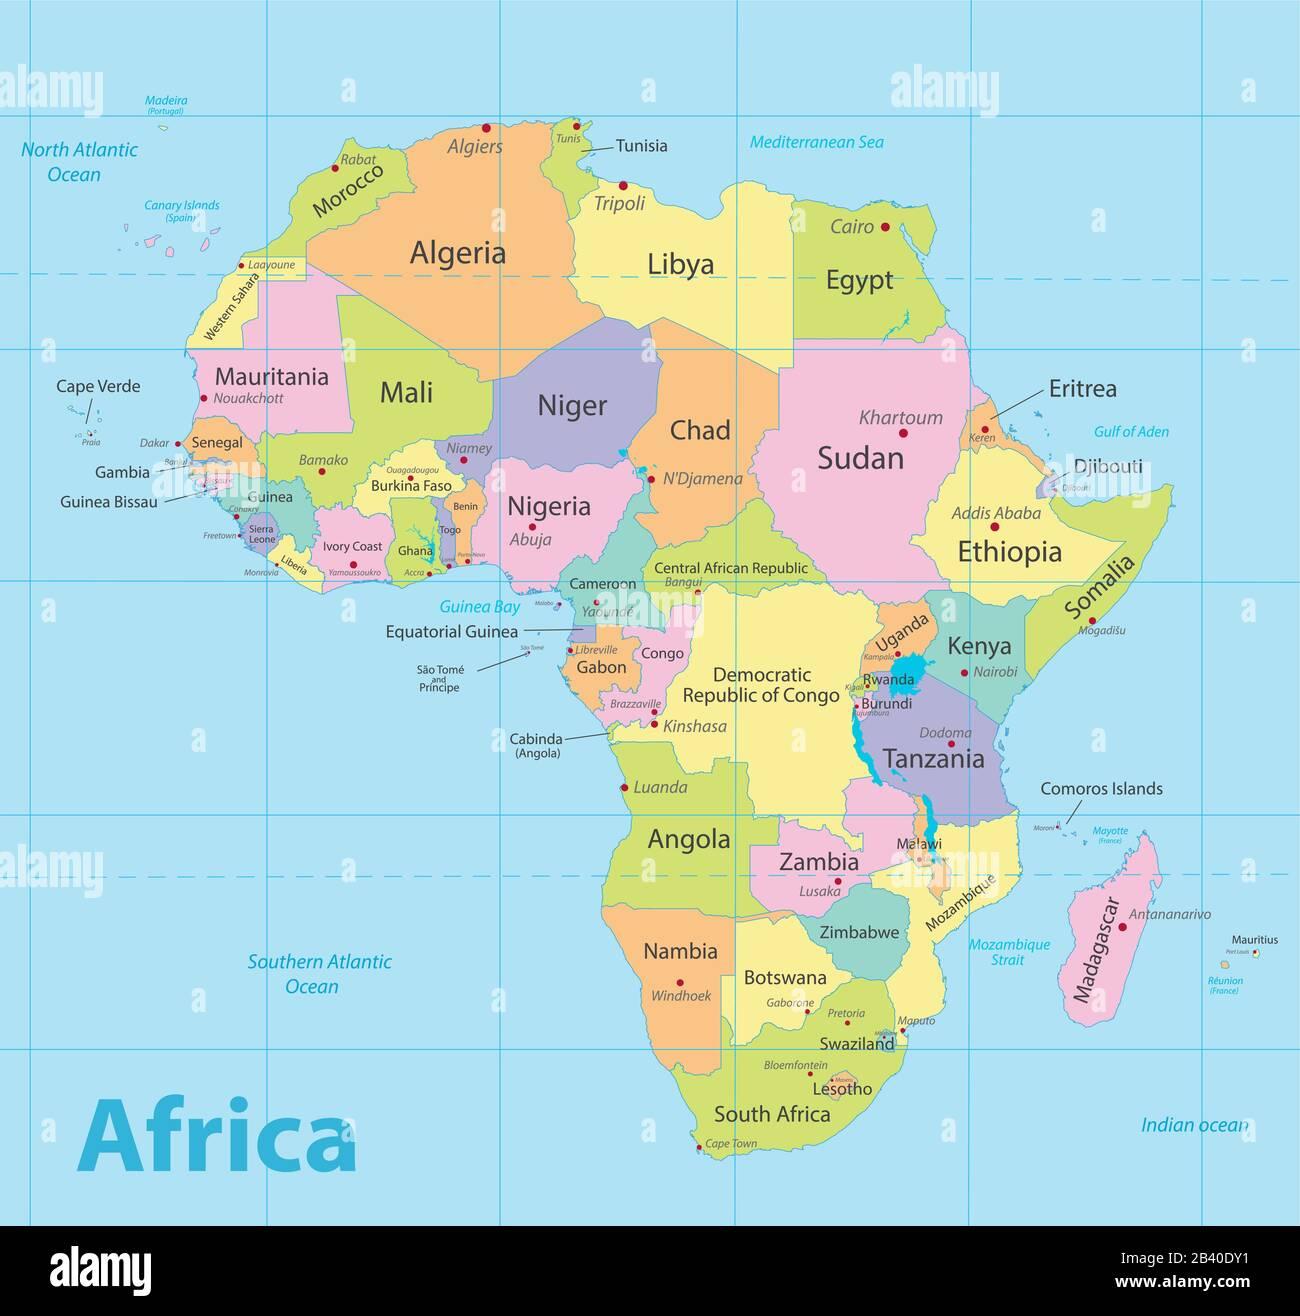 Cartina Mondo Con Nomi Stati.Africa Mappa Colorata Nuova Mappa Politica Dettagliata Stati Individuali Separati Con Citta Di Stato E Nomi Di Mare Blu Sfondo Vettore Immagine E Vettoriale Alamy